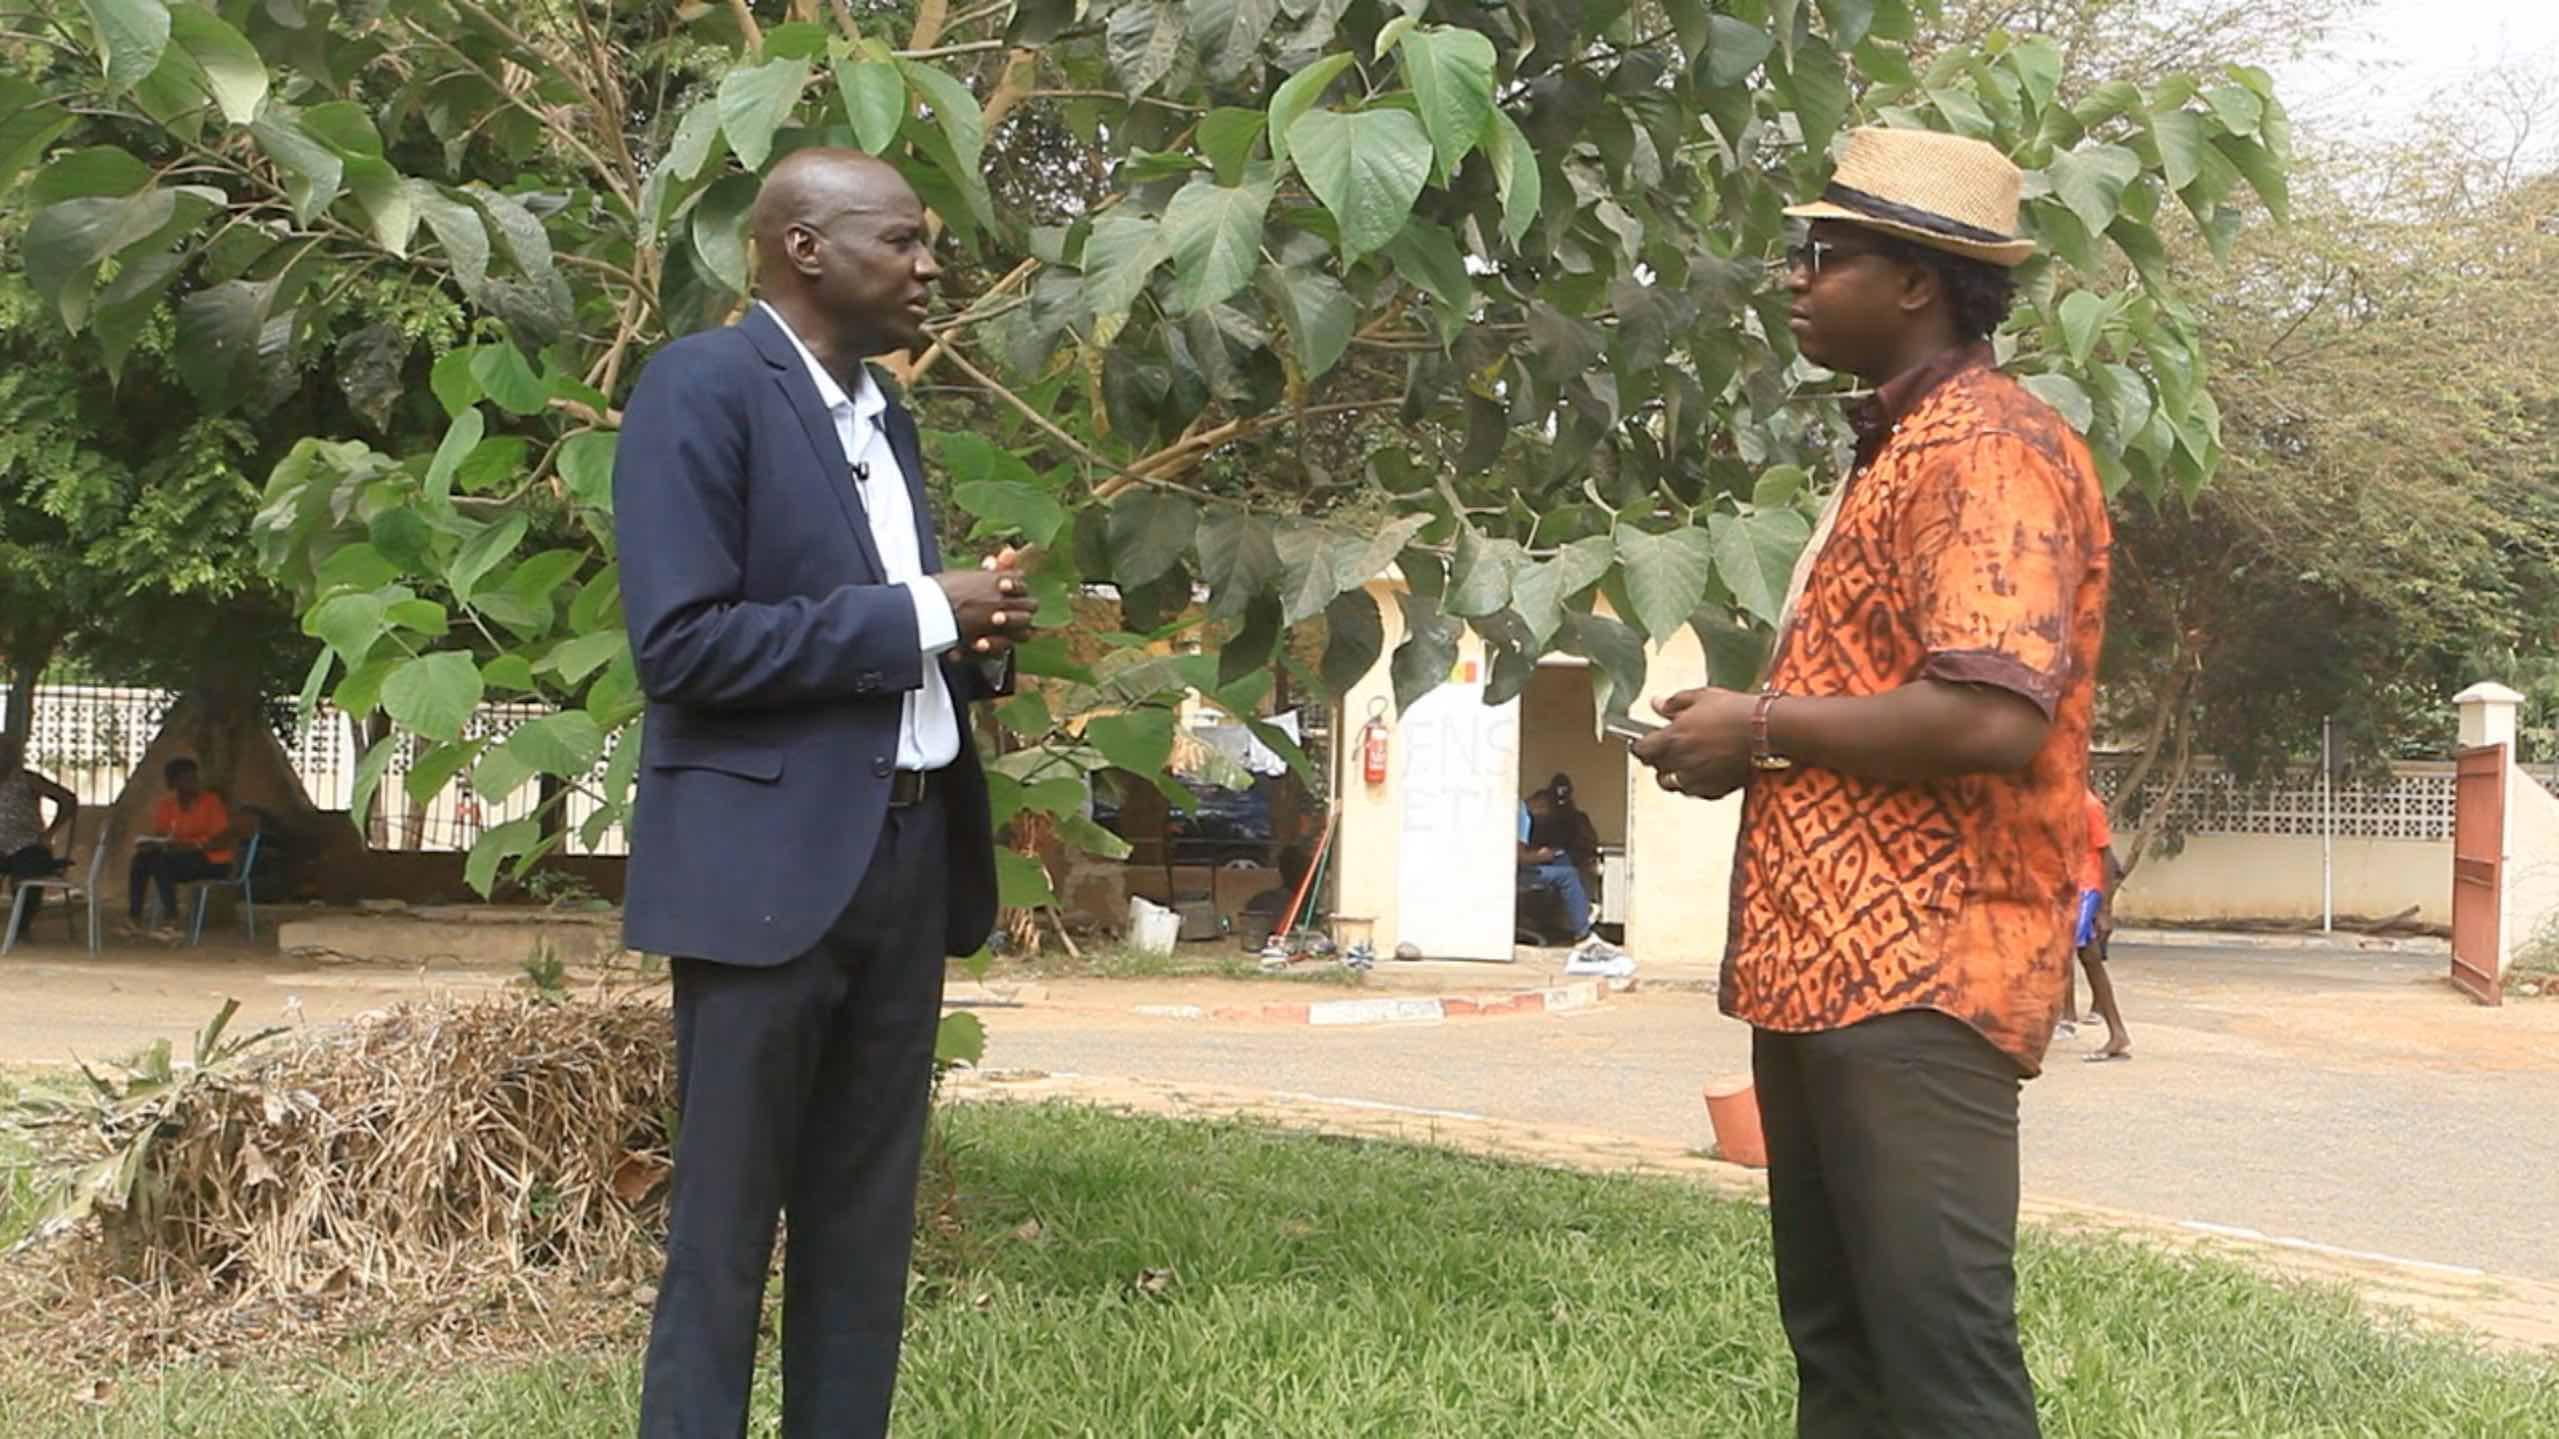 Tournage de l'émission HITECH221 avec comme invité le professeur Ibrahima Niang Directeur de l'informatique de l'UCAD